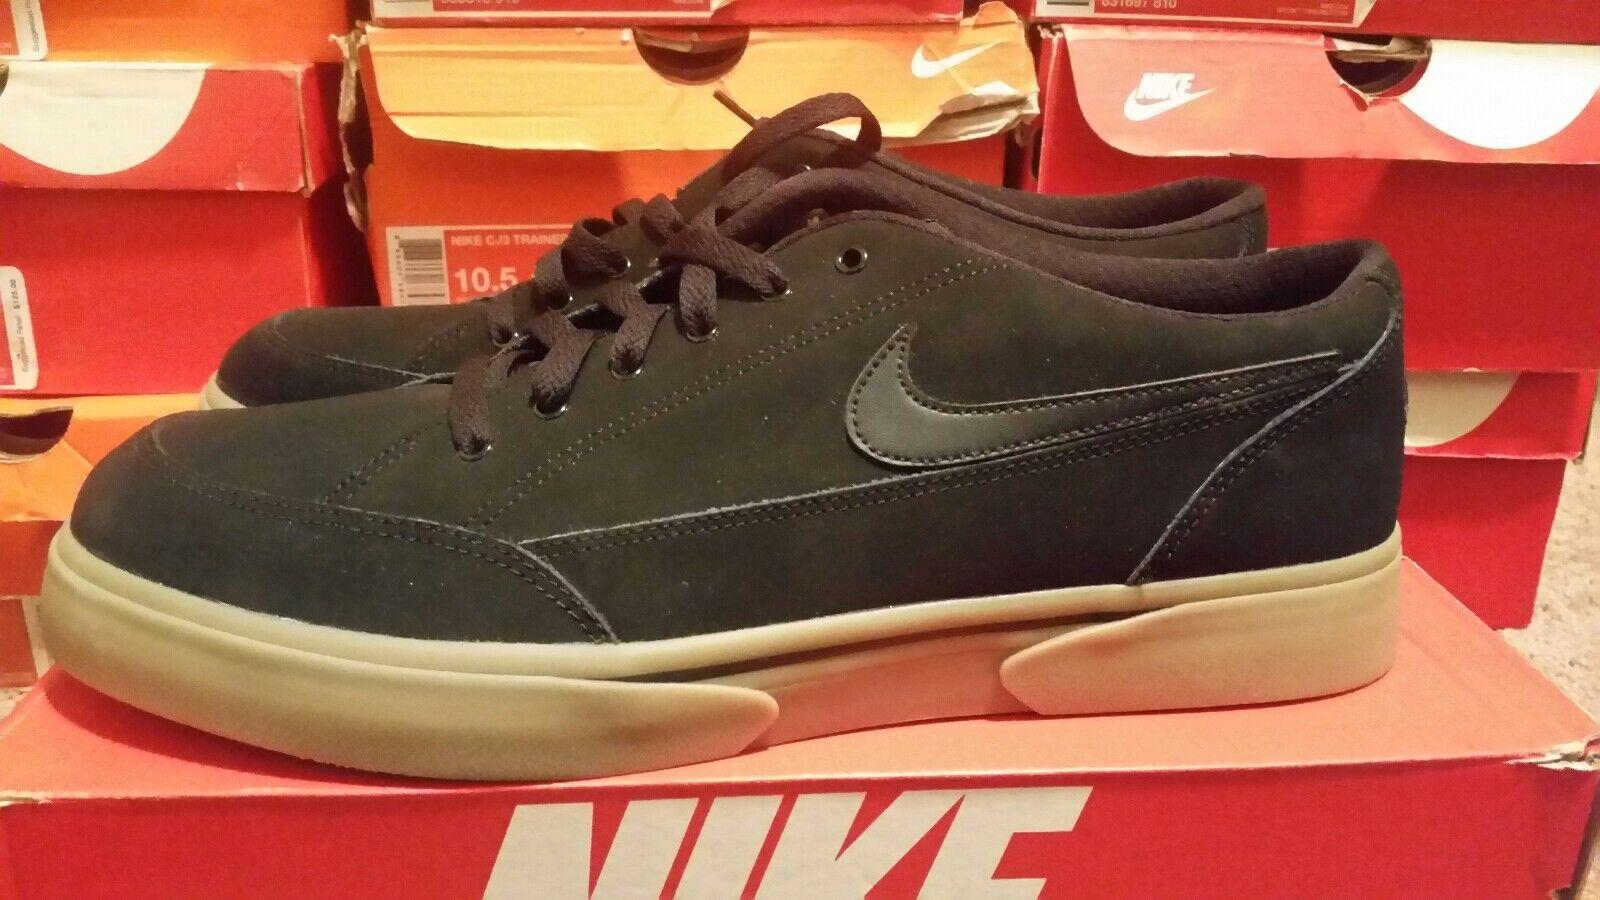 Nike GTS '16 Nubuck Men's Tennis shoes 844809-003 Size 12